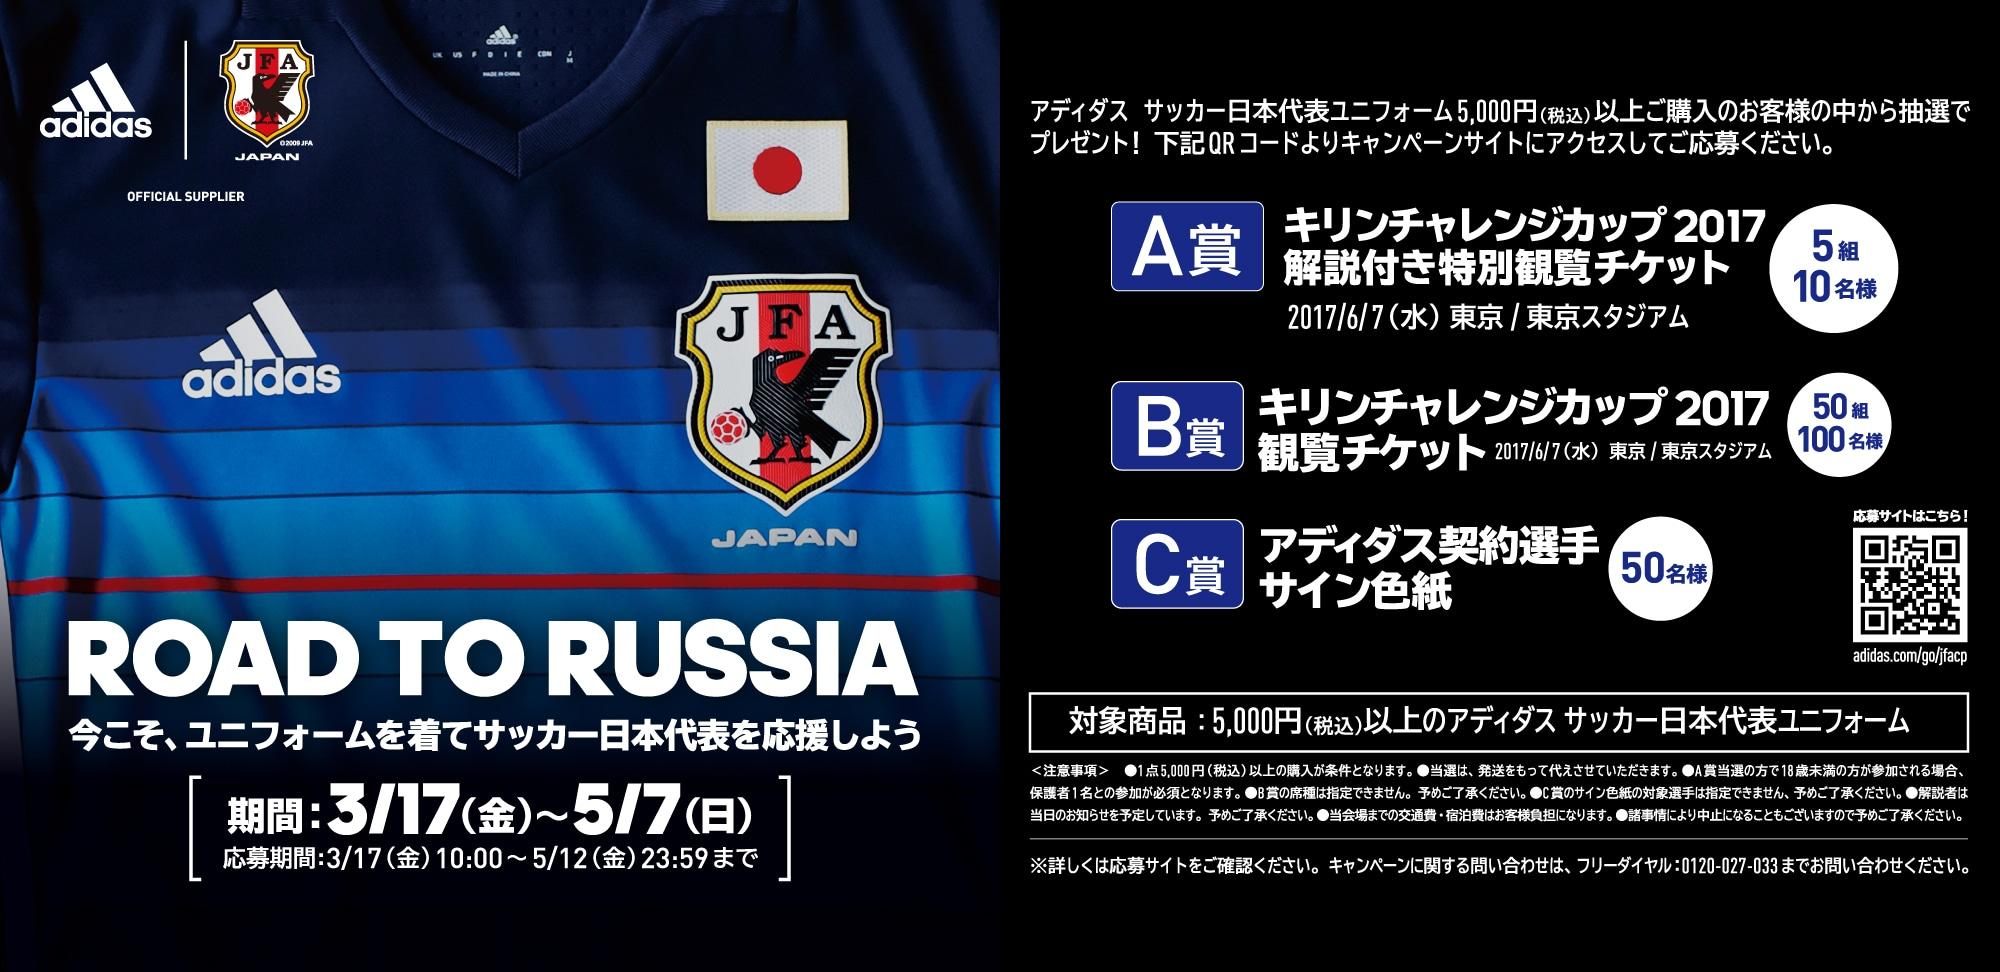 アディダス日本代表応援キャンペーン